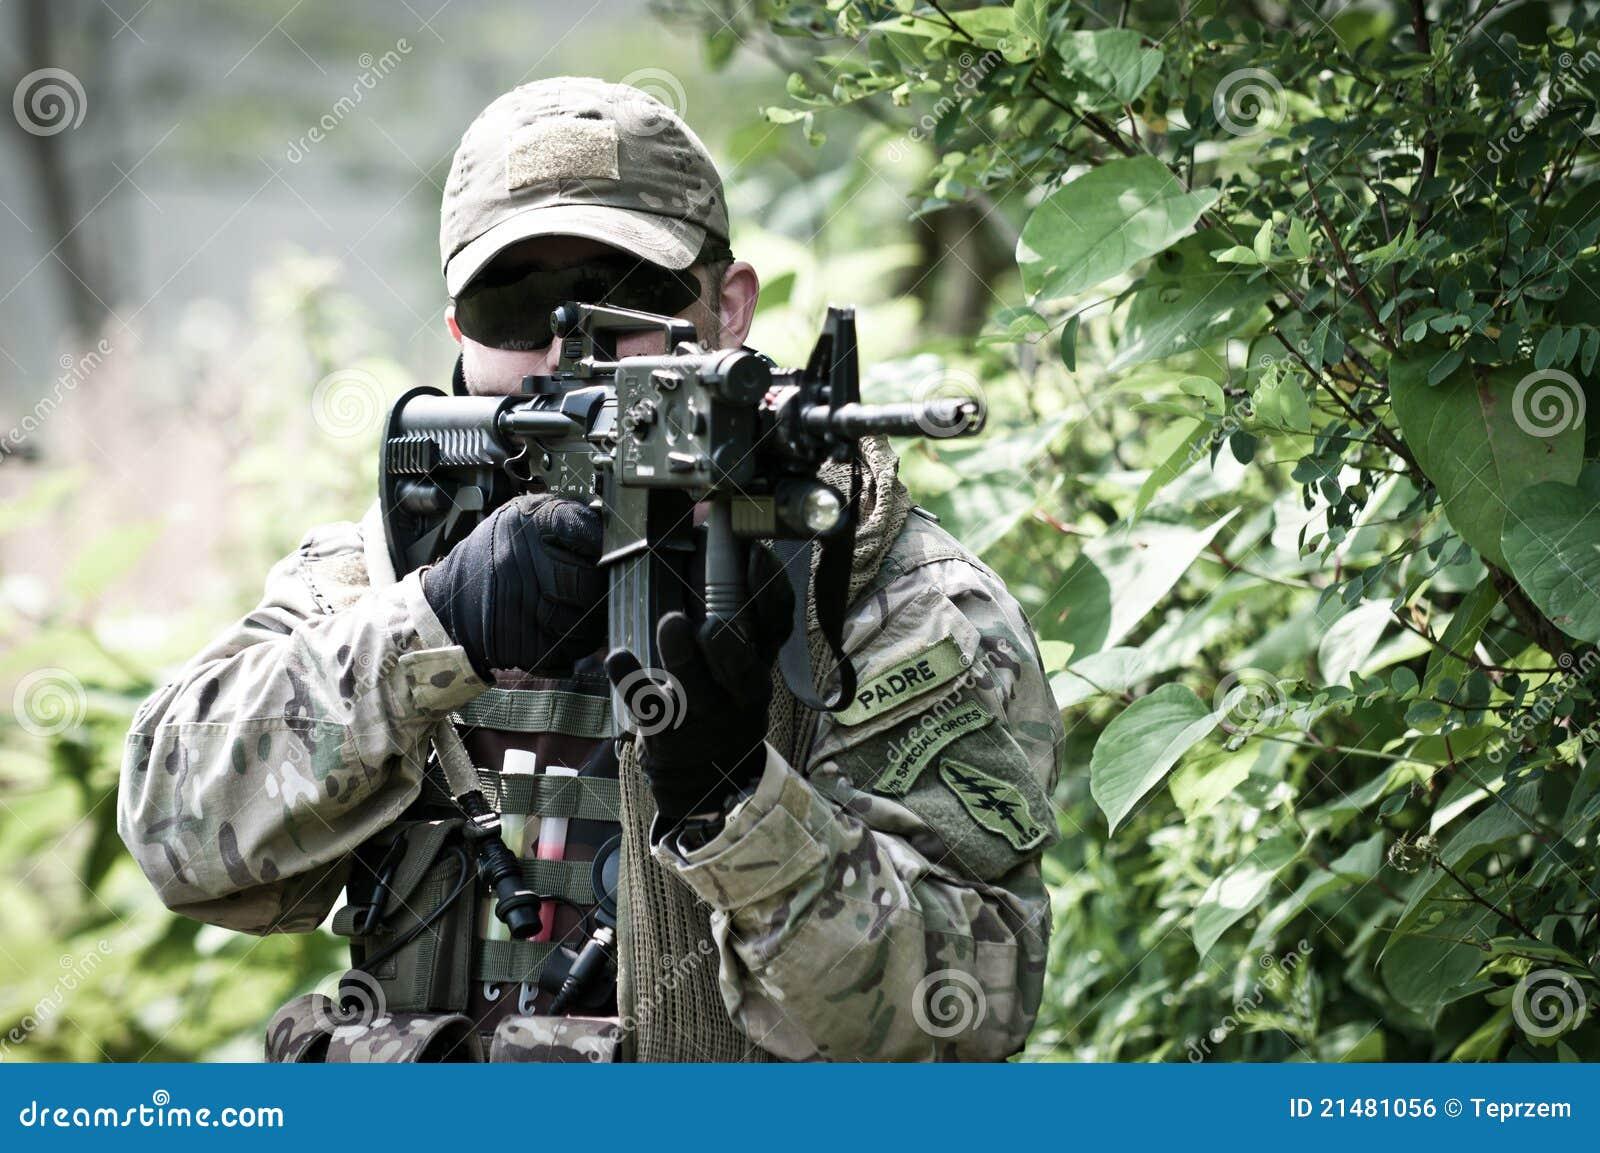 US soldier on battle field